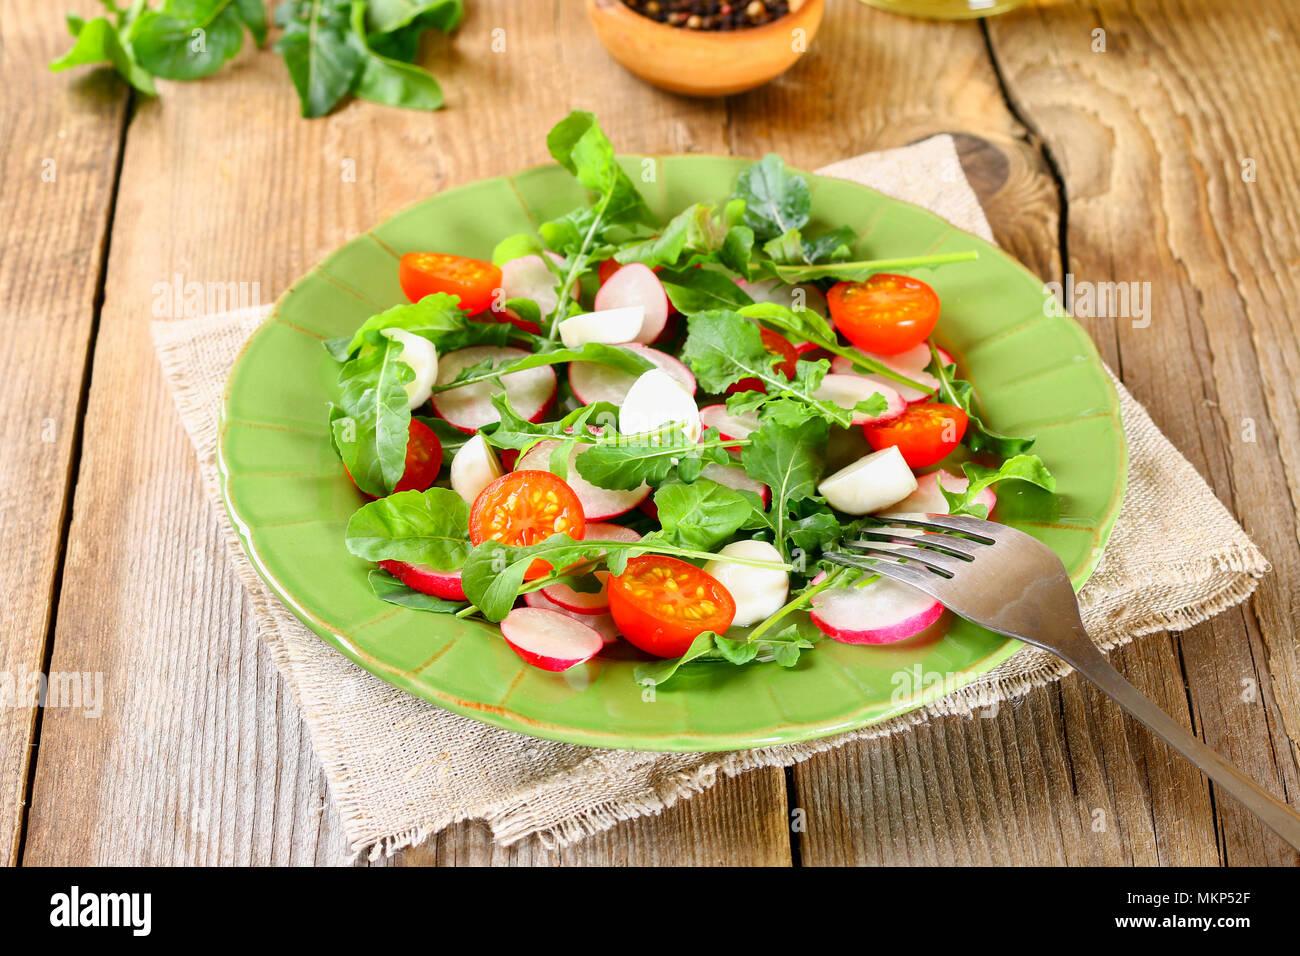 vegetarische salat mit rucola tomate radieschen und mozzarella auf einem alten holztisch. Black Bedroom Furniture Sets. Home Design Ideas